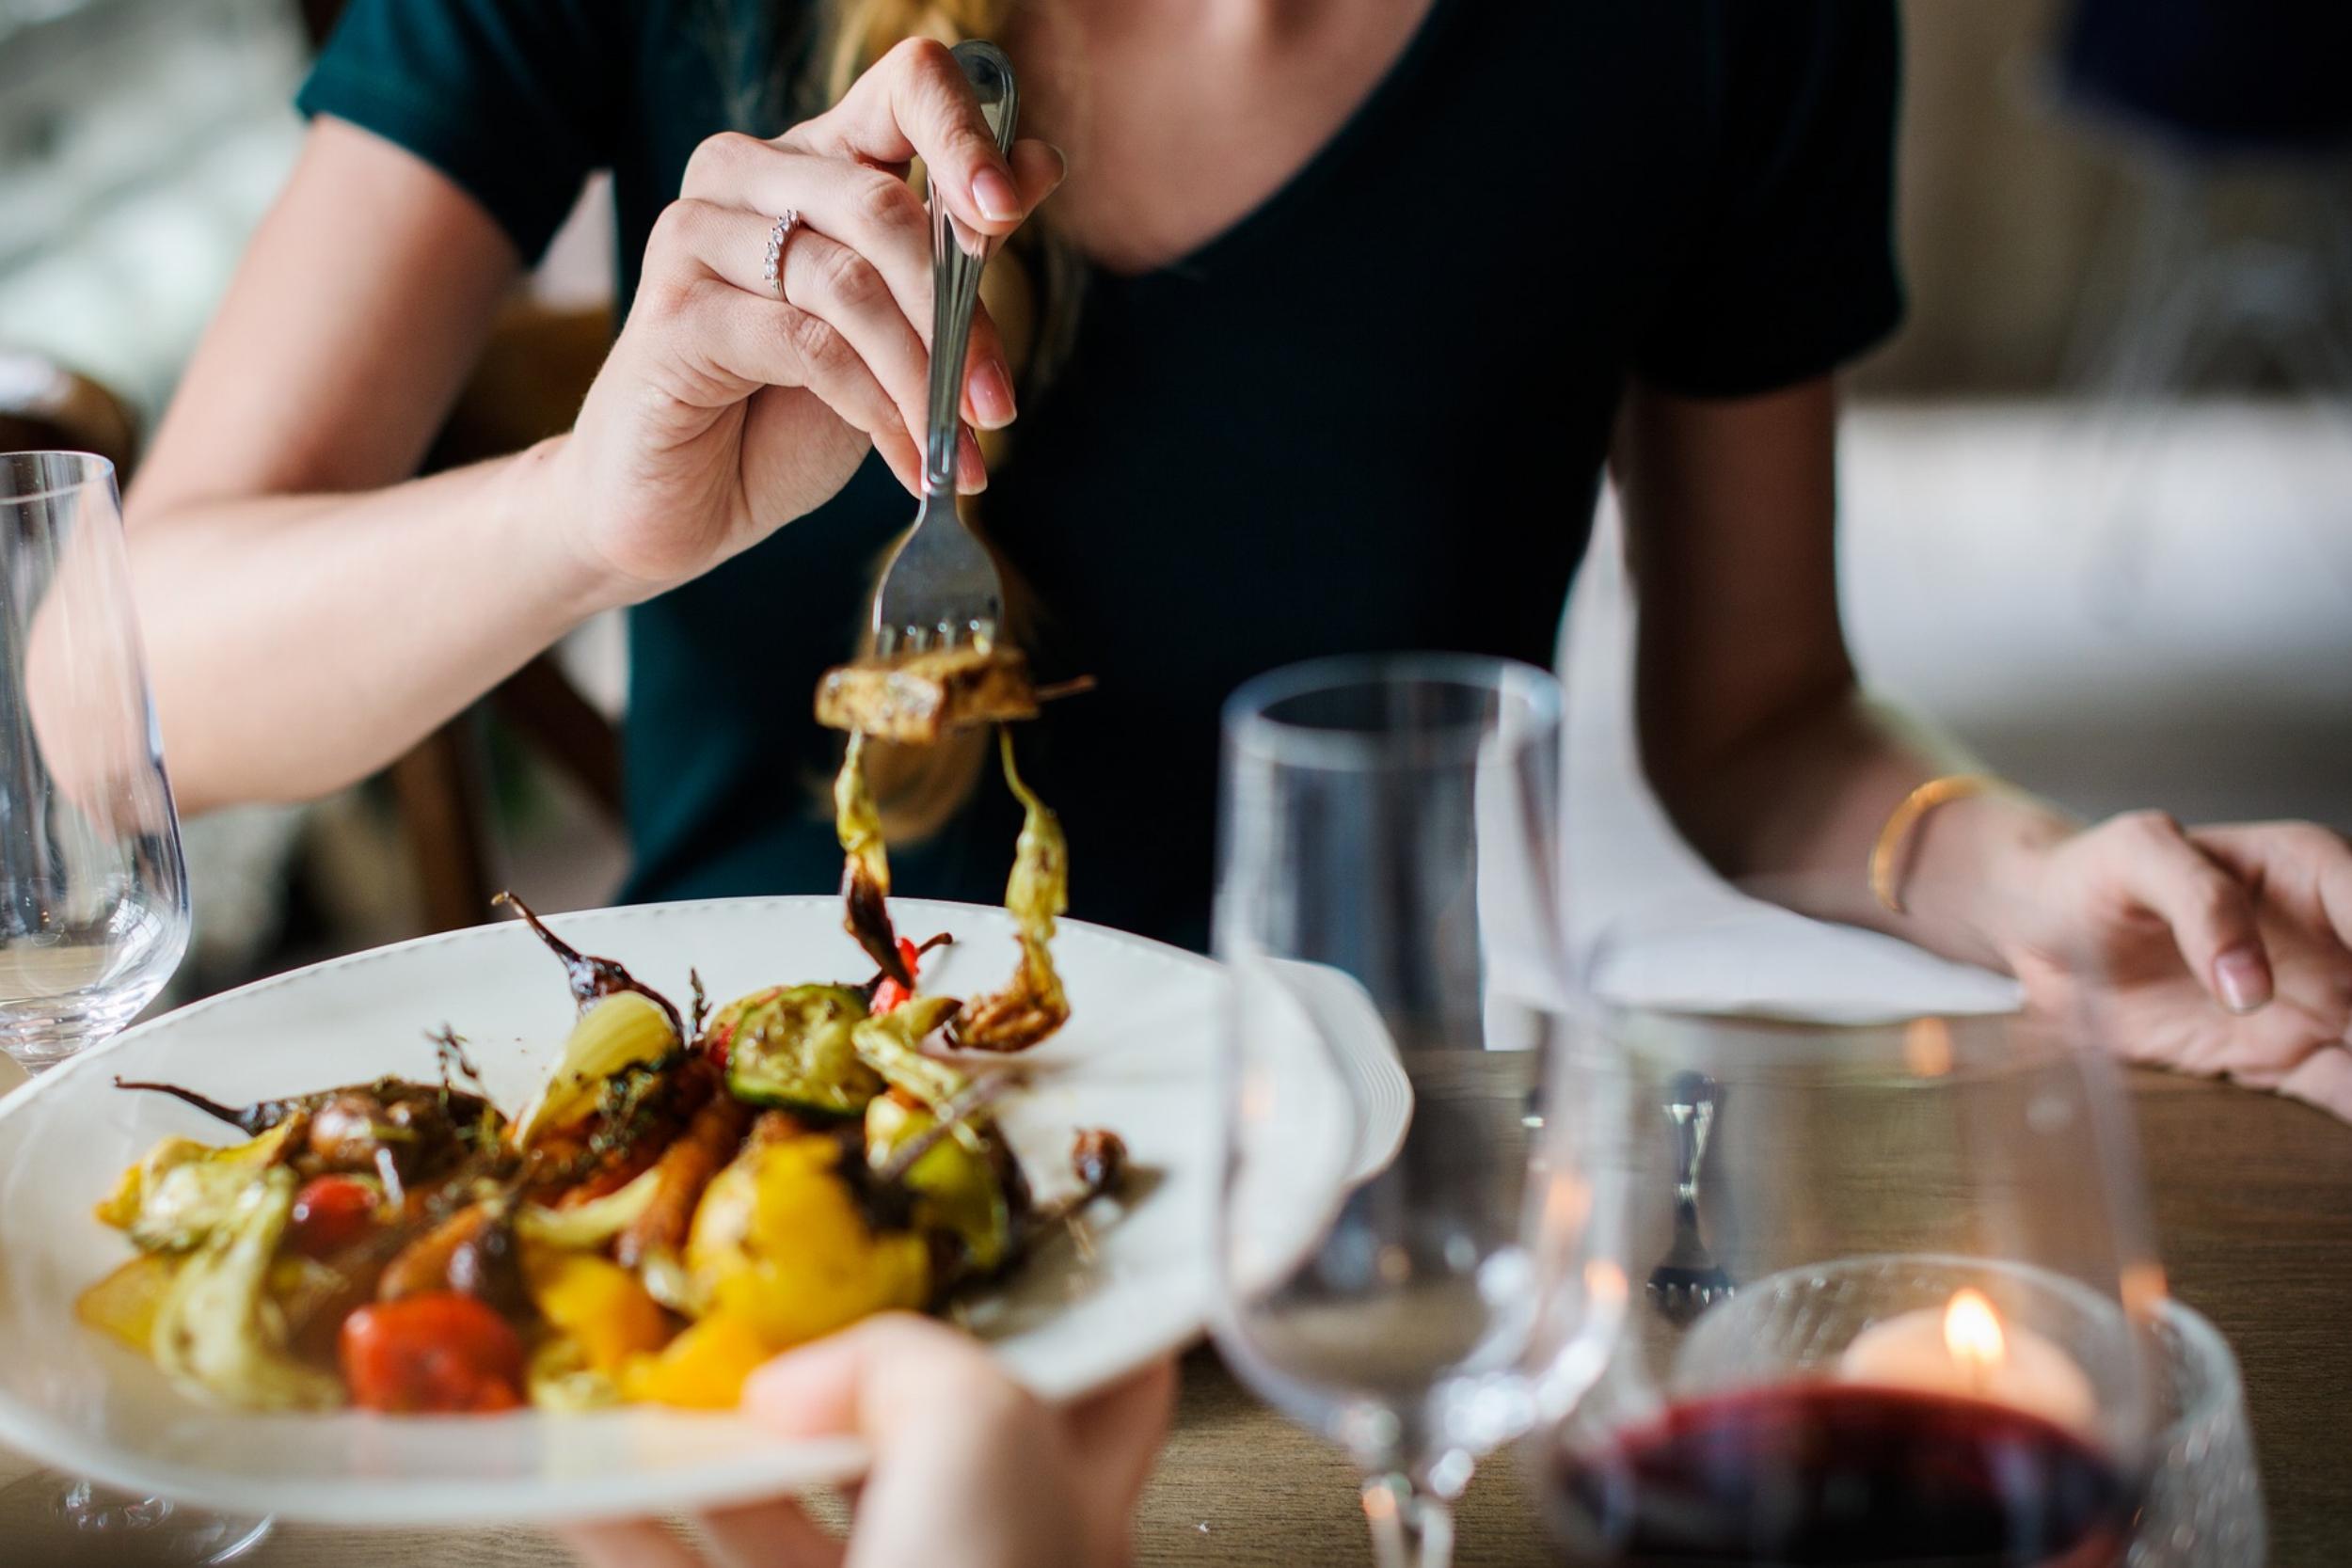 cuisine-2248567_1920.jpg